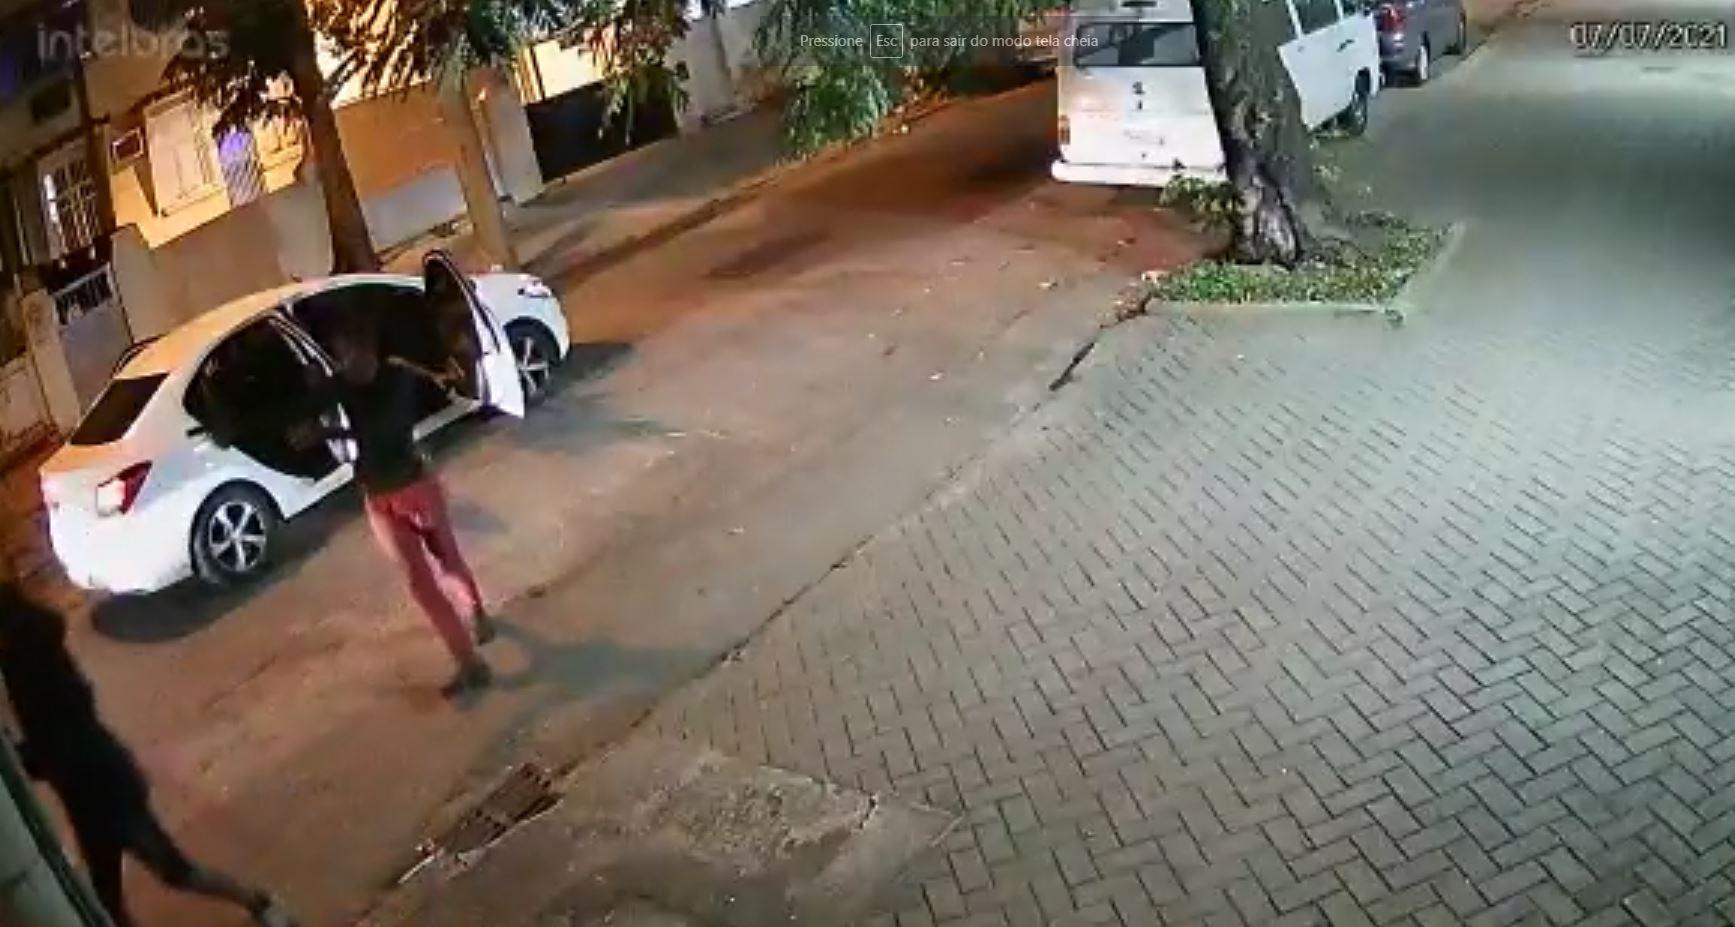 Criminosos fecham rua da Zona Norte do Rio para roubar motoristas e pedestres (Divulgação)